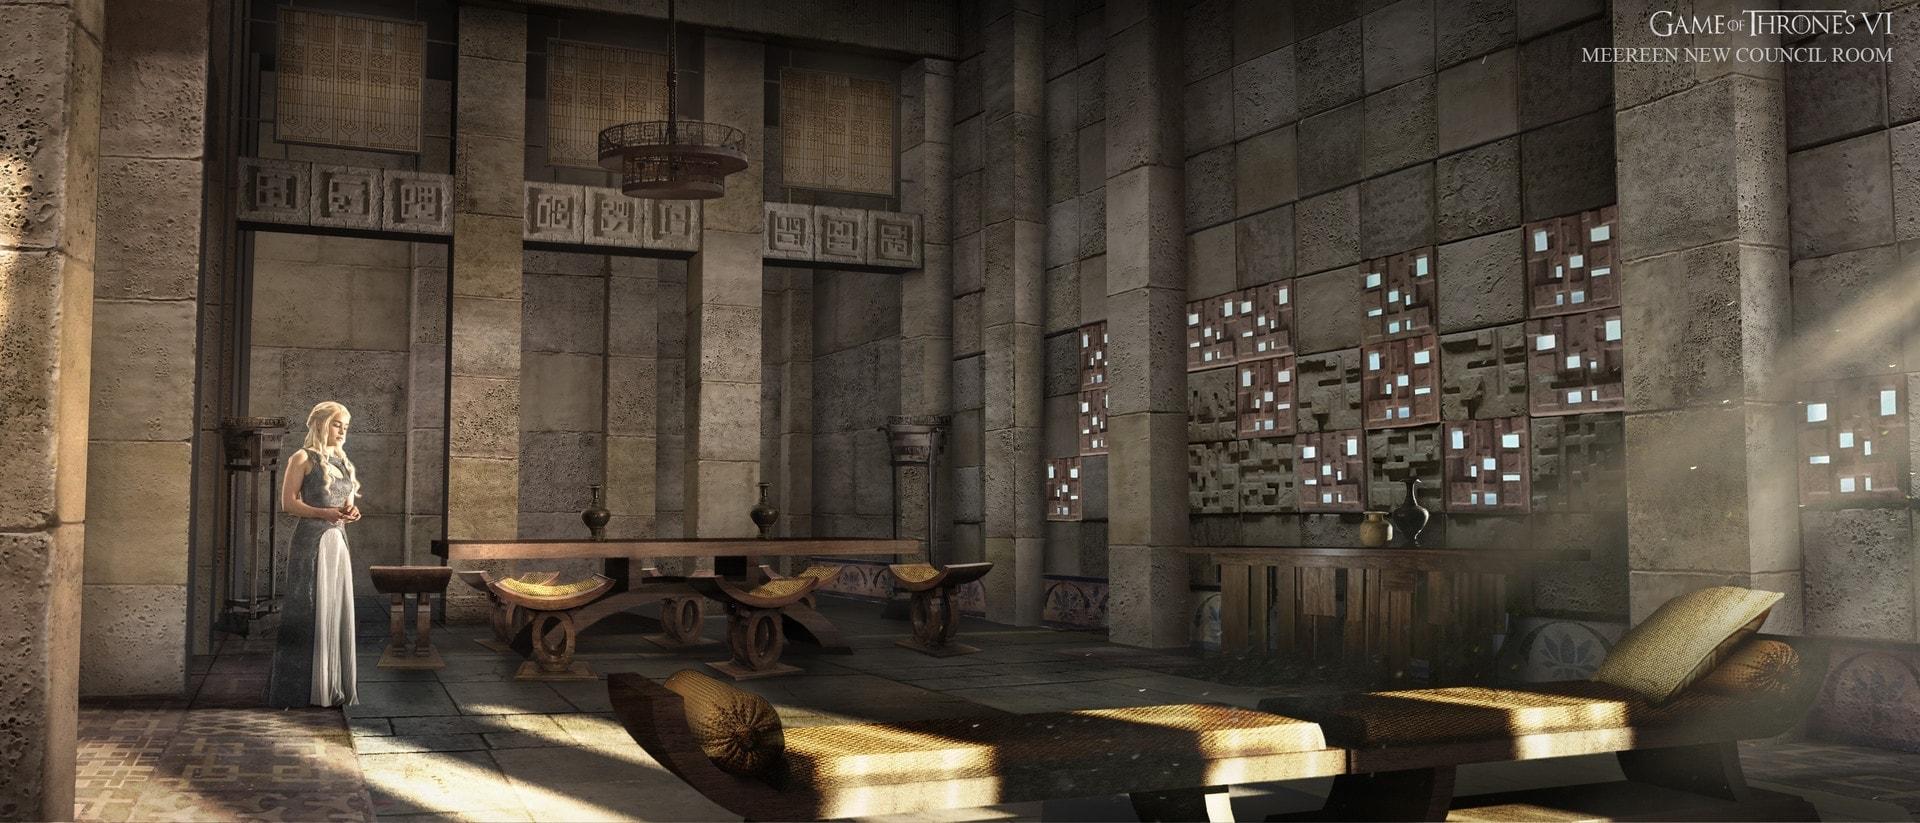 interior design in Game of Thrones